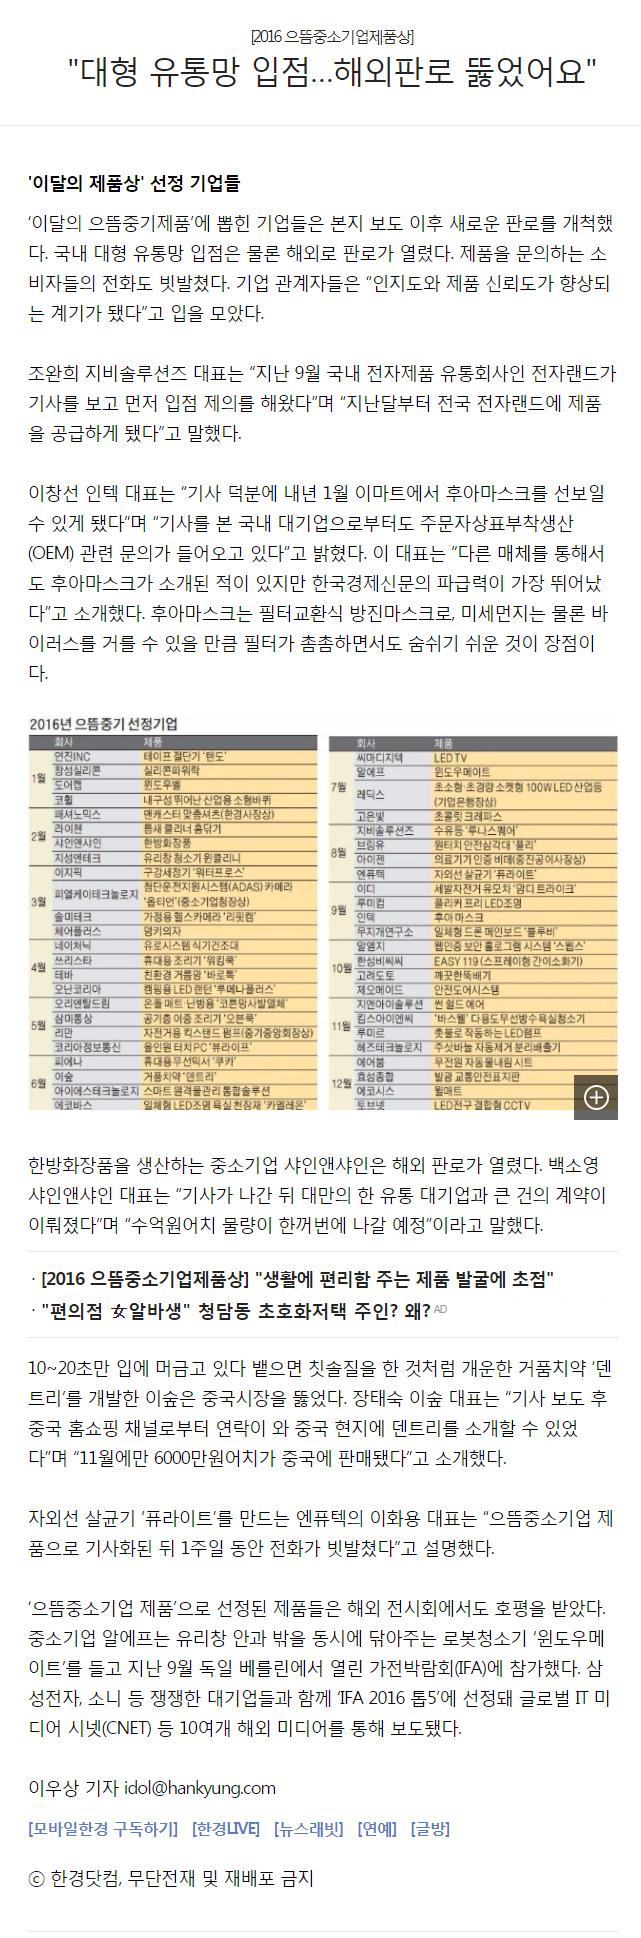 한국경제 2016년 12월 19일 기사